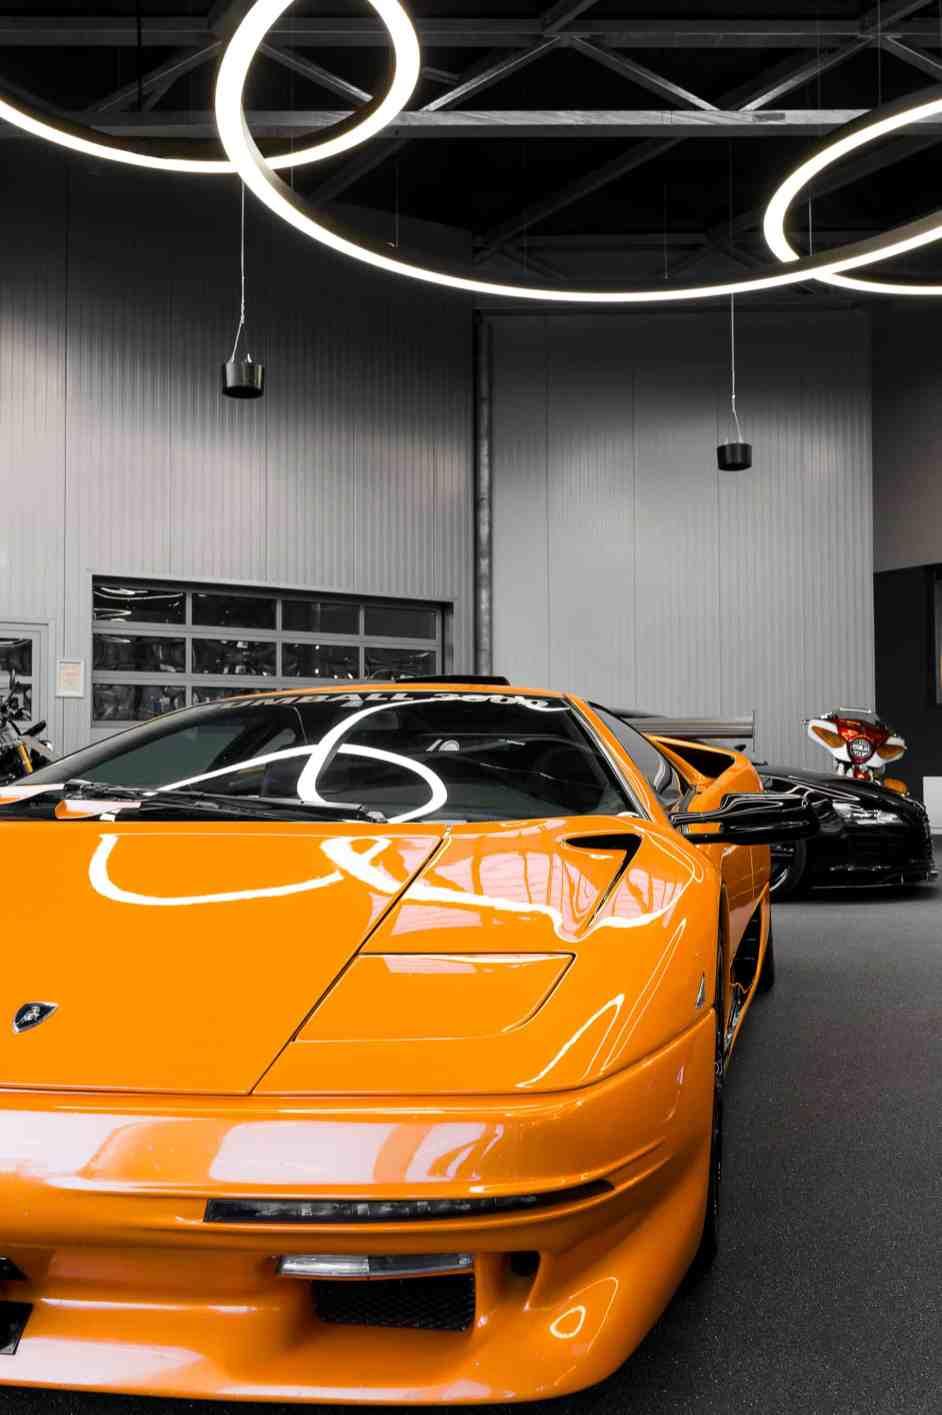 Mit einer warmweißen Farbtemperatur von 3.000 K zaubern die Lichtringe ein angenehm warmes Licht im Showroom, dass sich in den auf Hochglanz polierten Karosserien der Sportwagen widerspiegelt. (Bild: Prolicht)